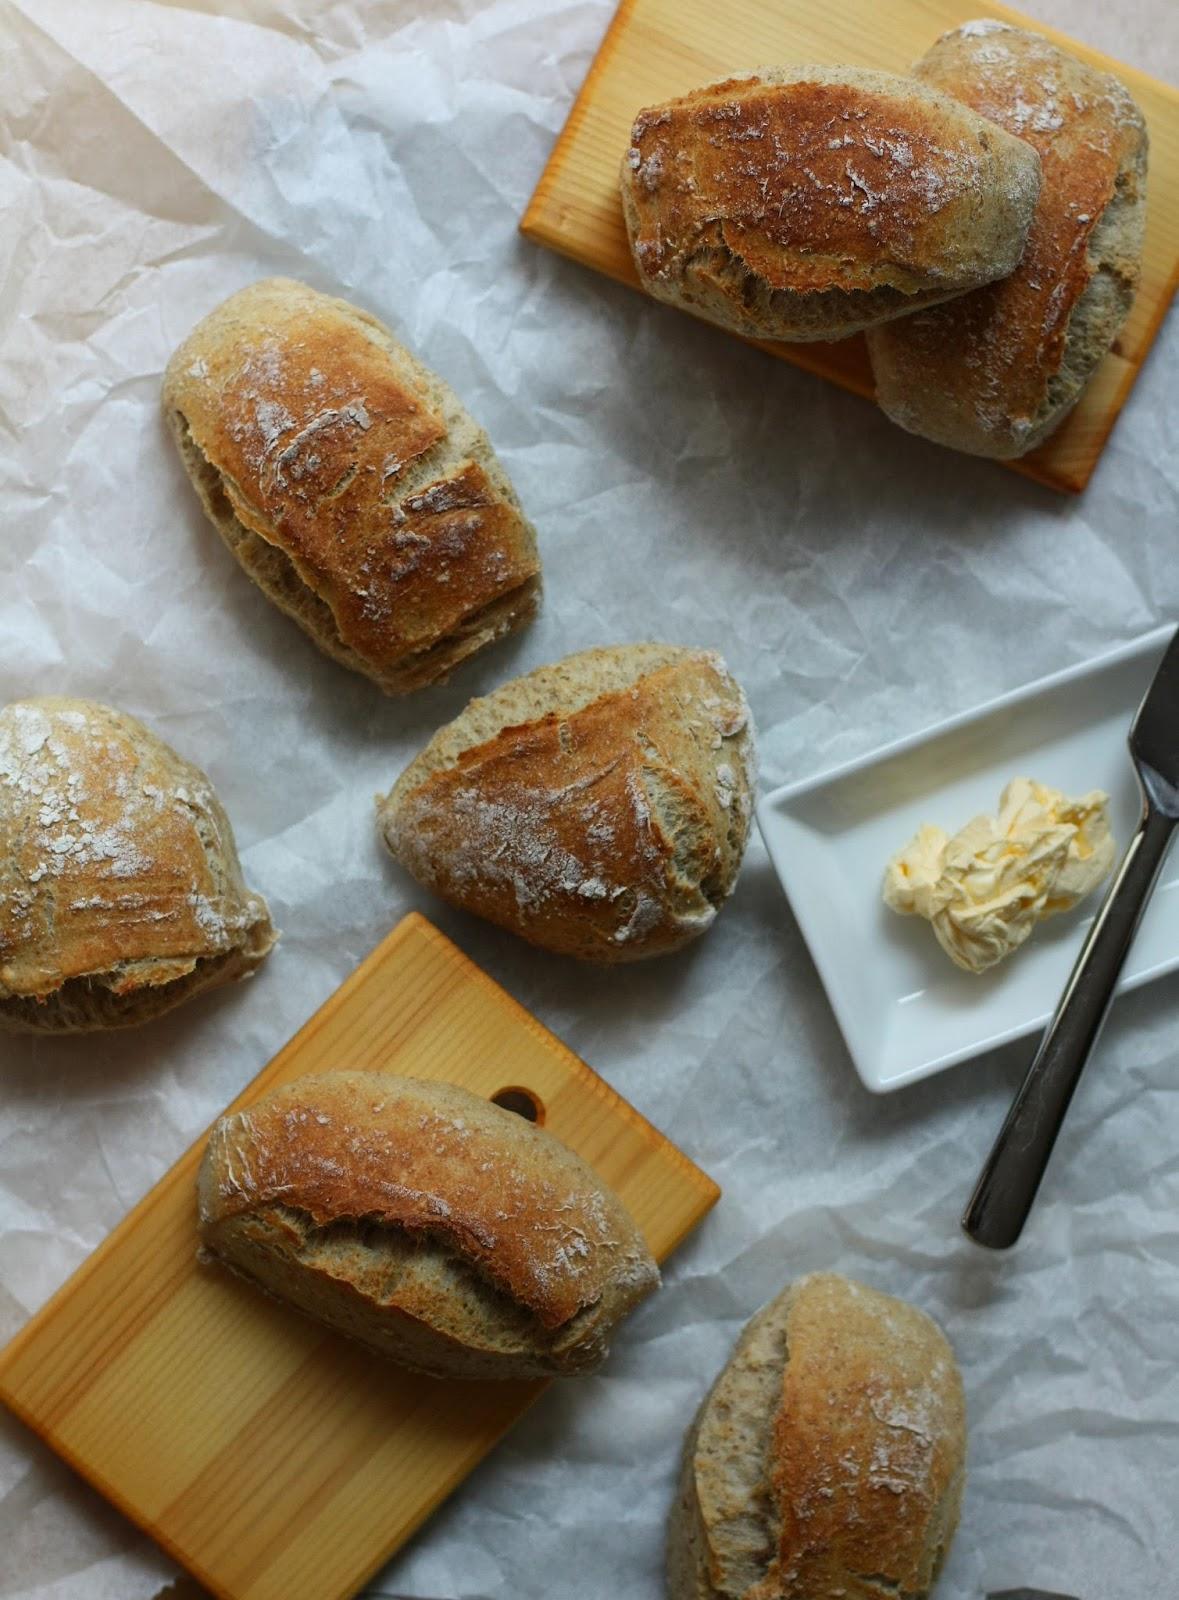 juurisämpylät sämpylät vehnäjuuri juurileivonta leipä mallaspulla